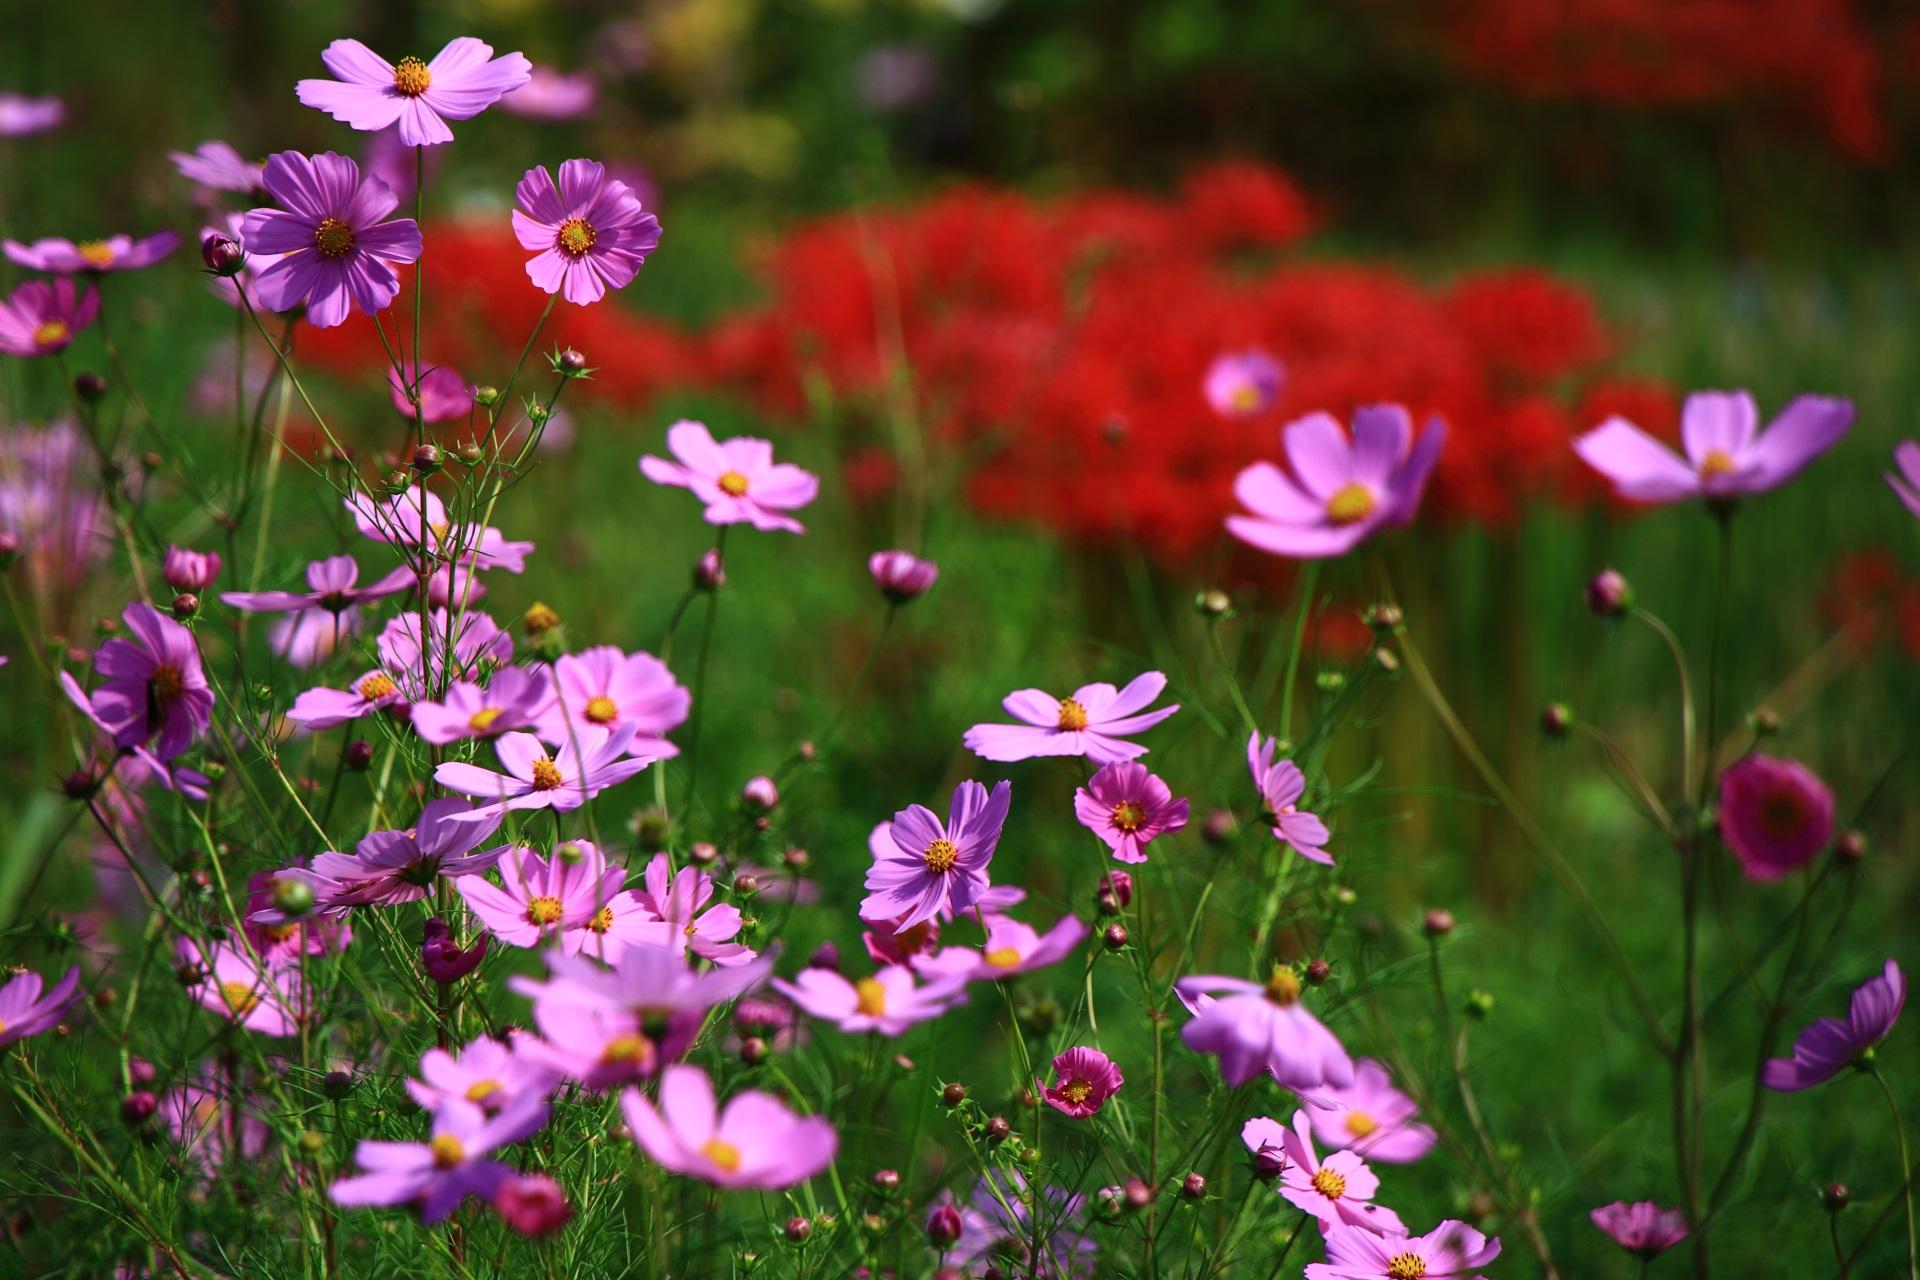 華やかに咲き誇る大原のコスモスと彼岸花